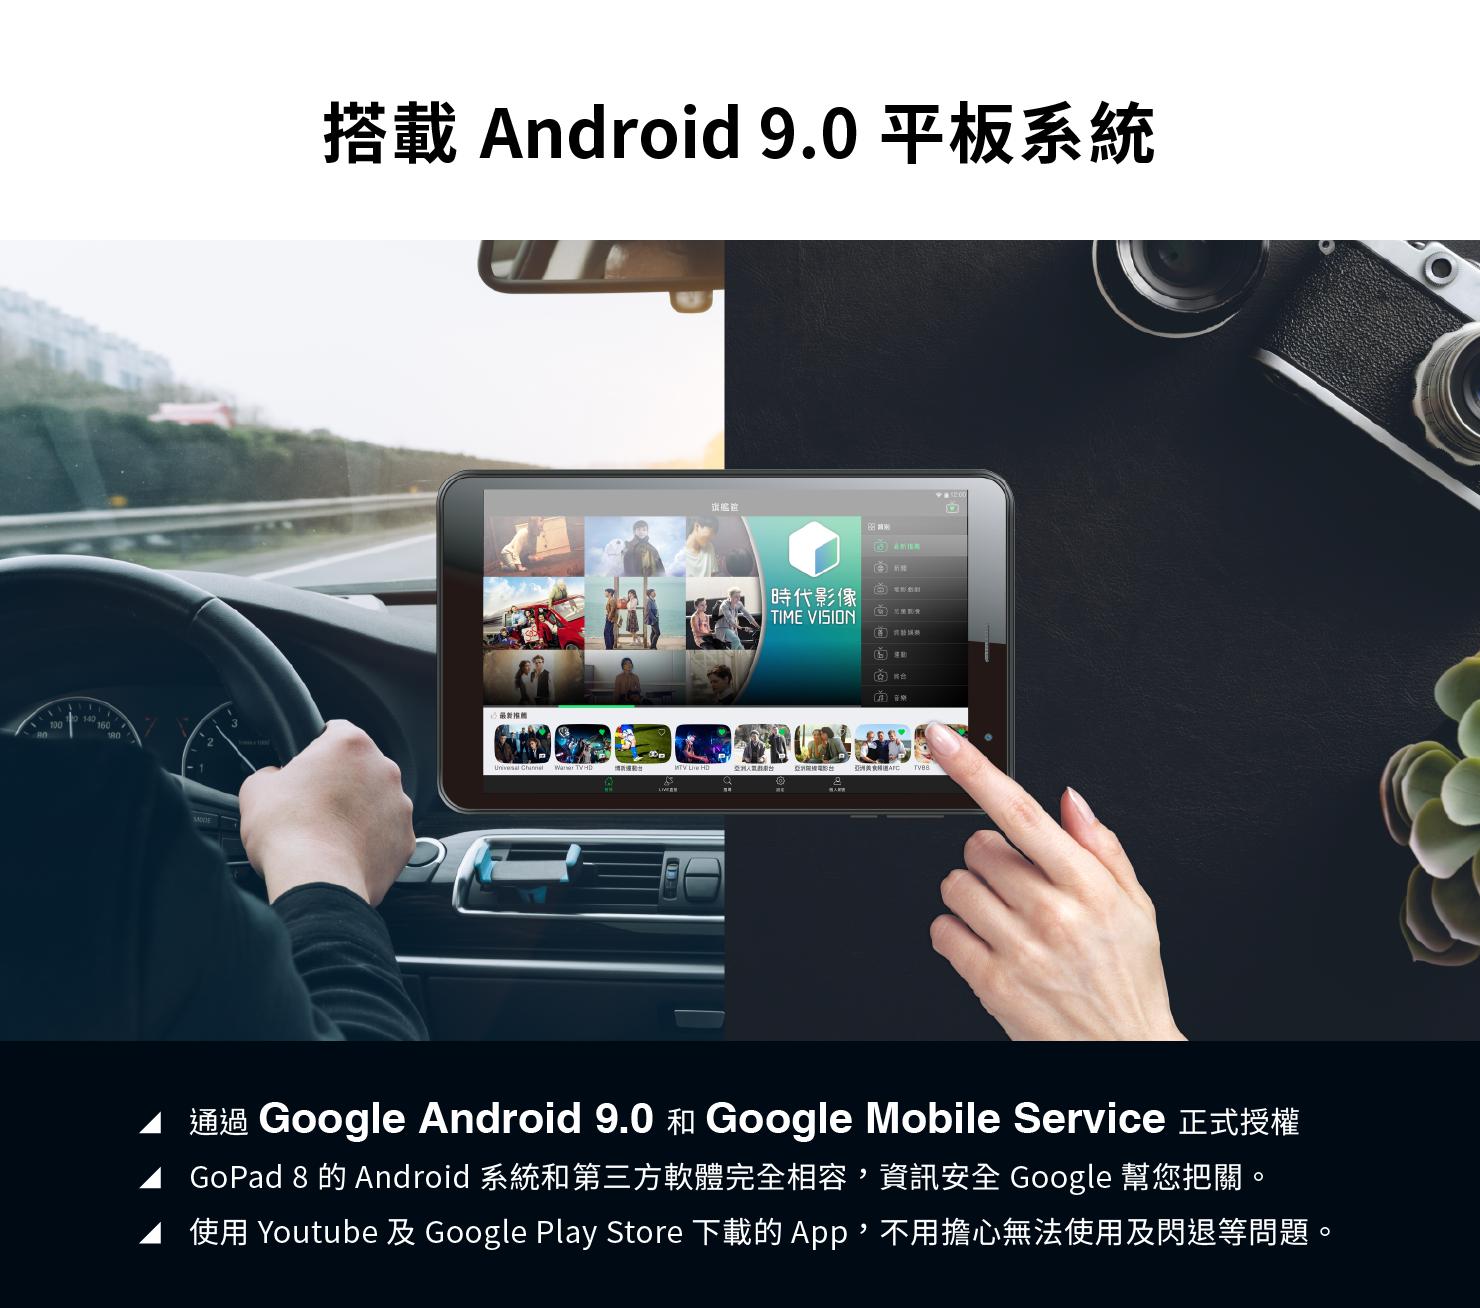 搭載 Android 9.0 平板系統